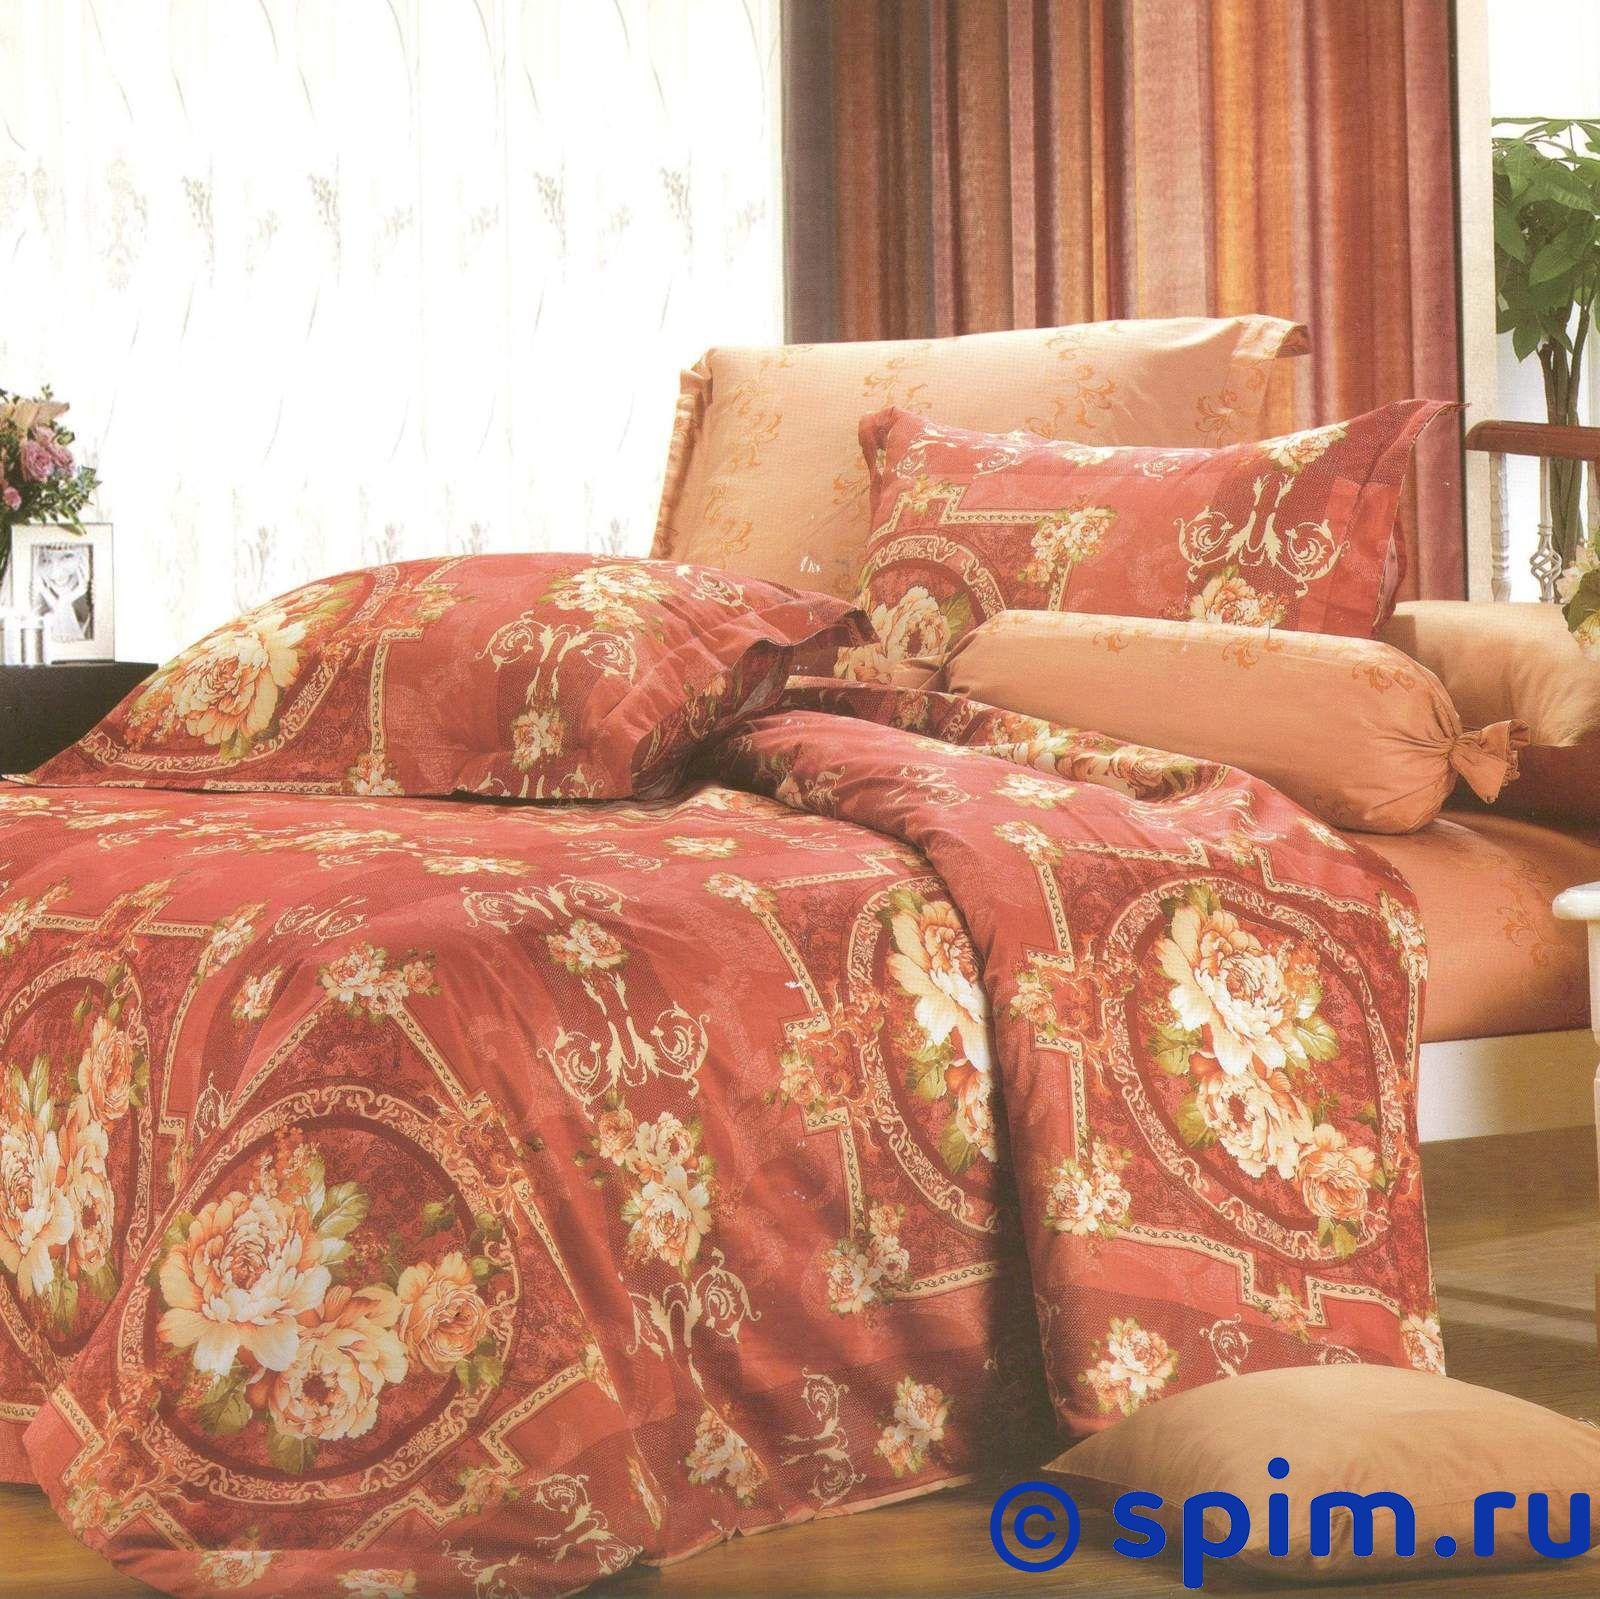 Постельное белье СайлиД В95 1.5 спальное